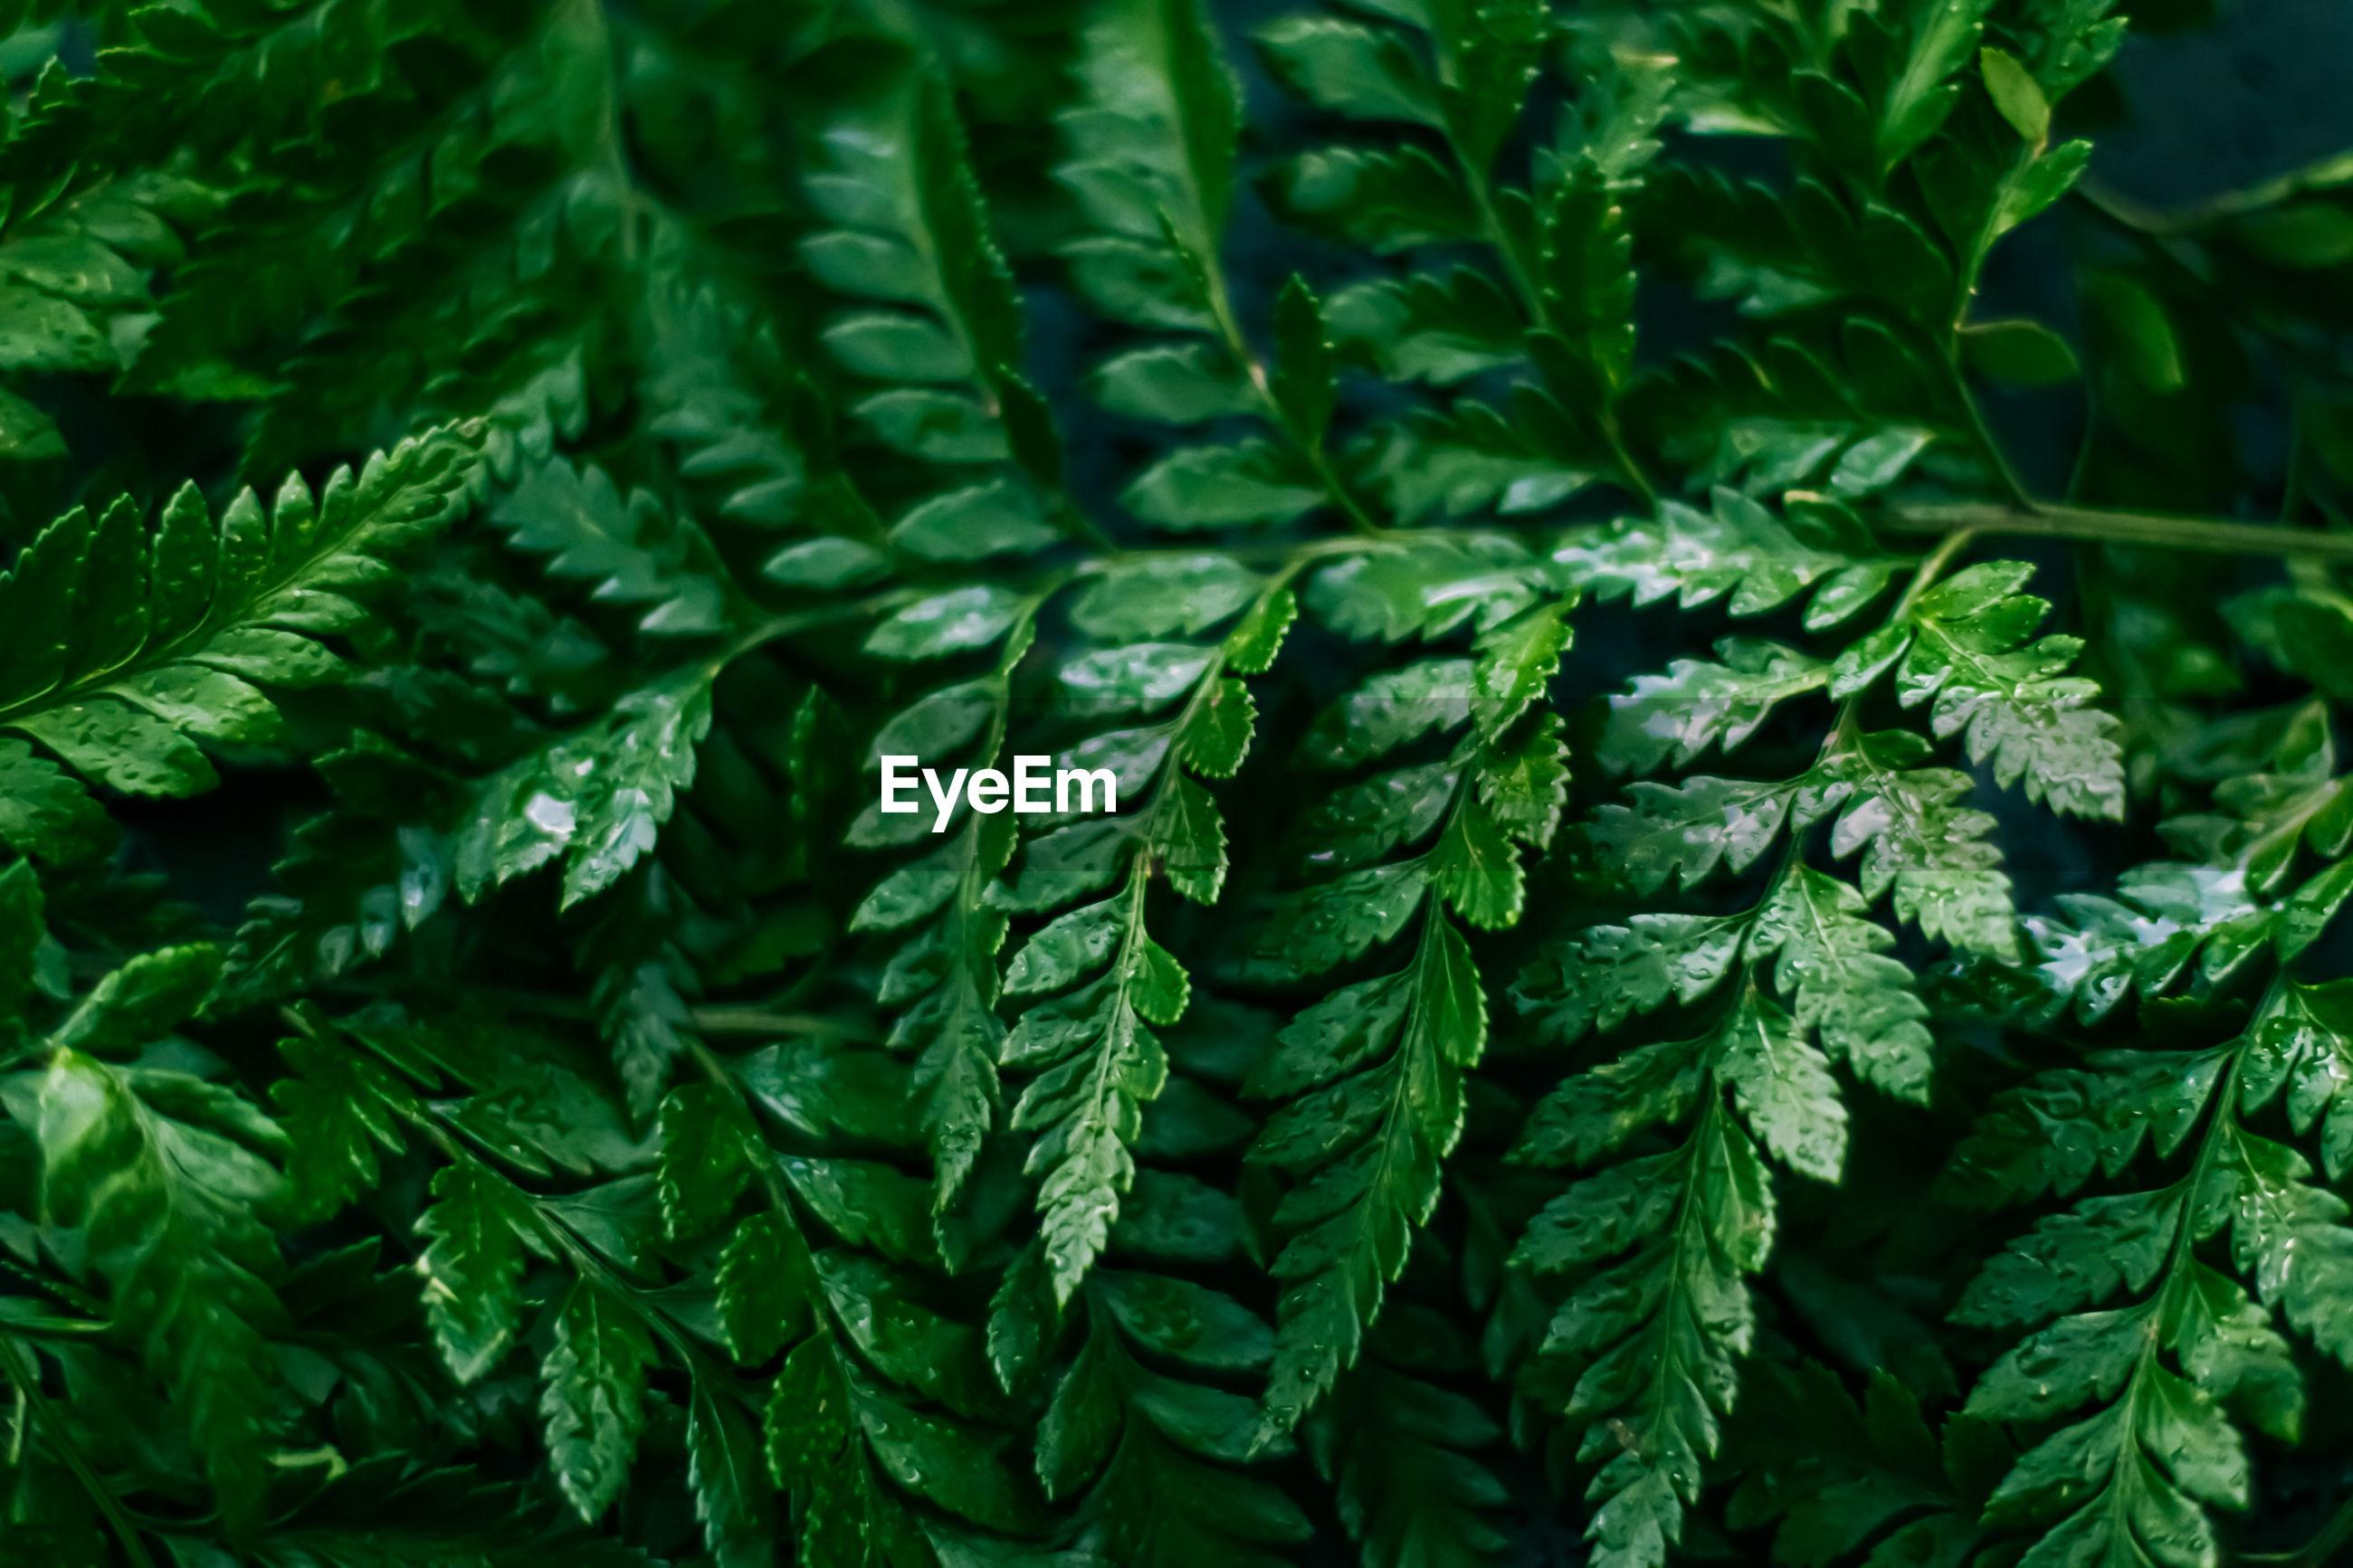 Full frame shot of wet green leaves